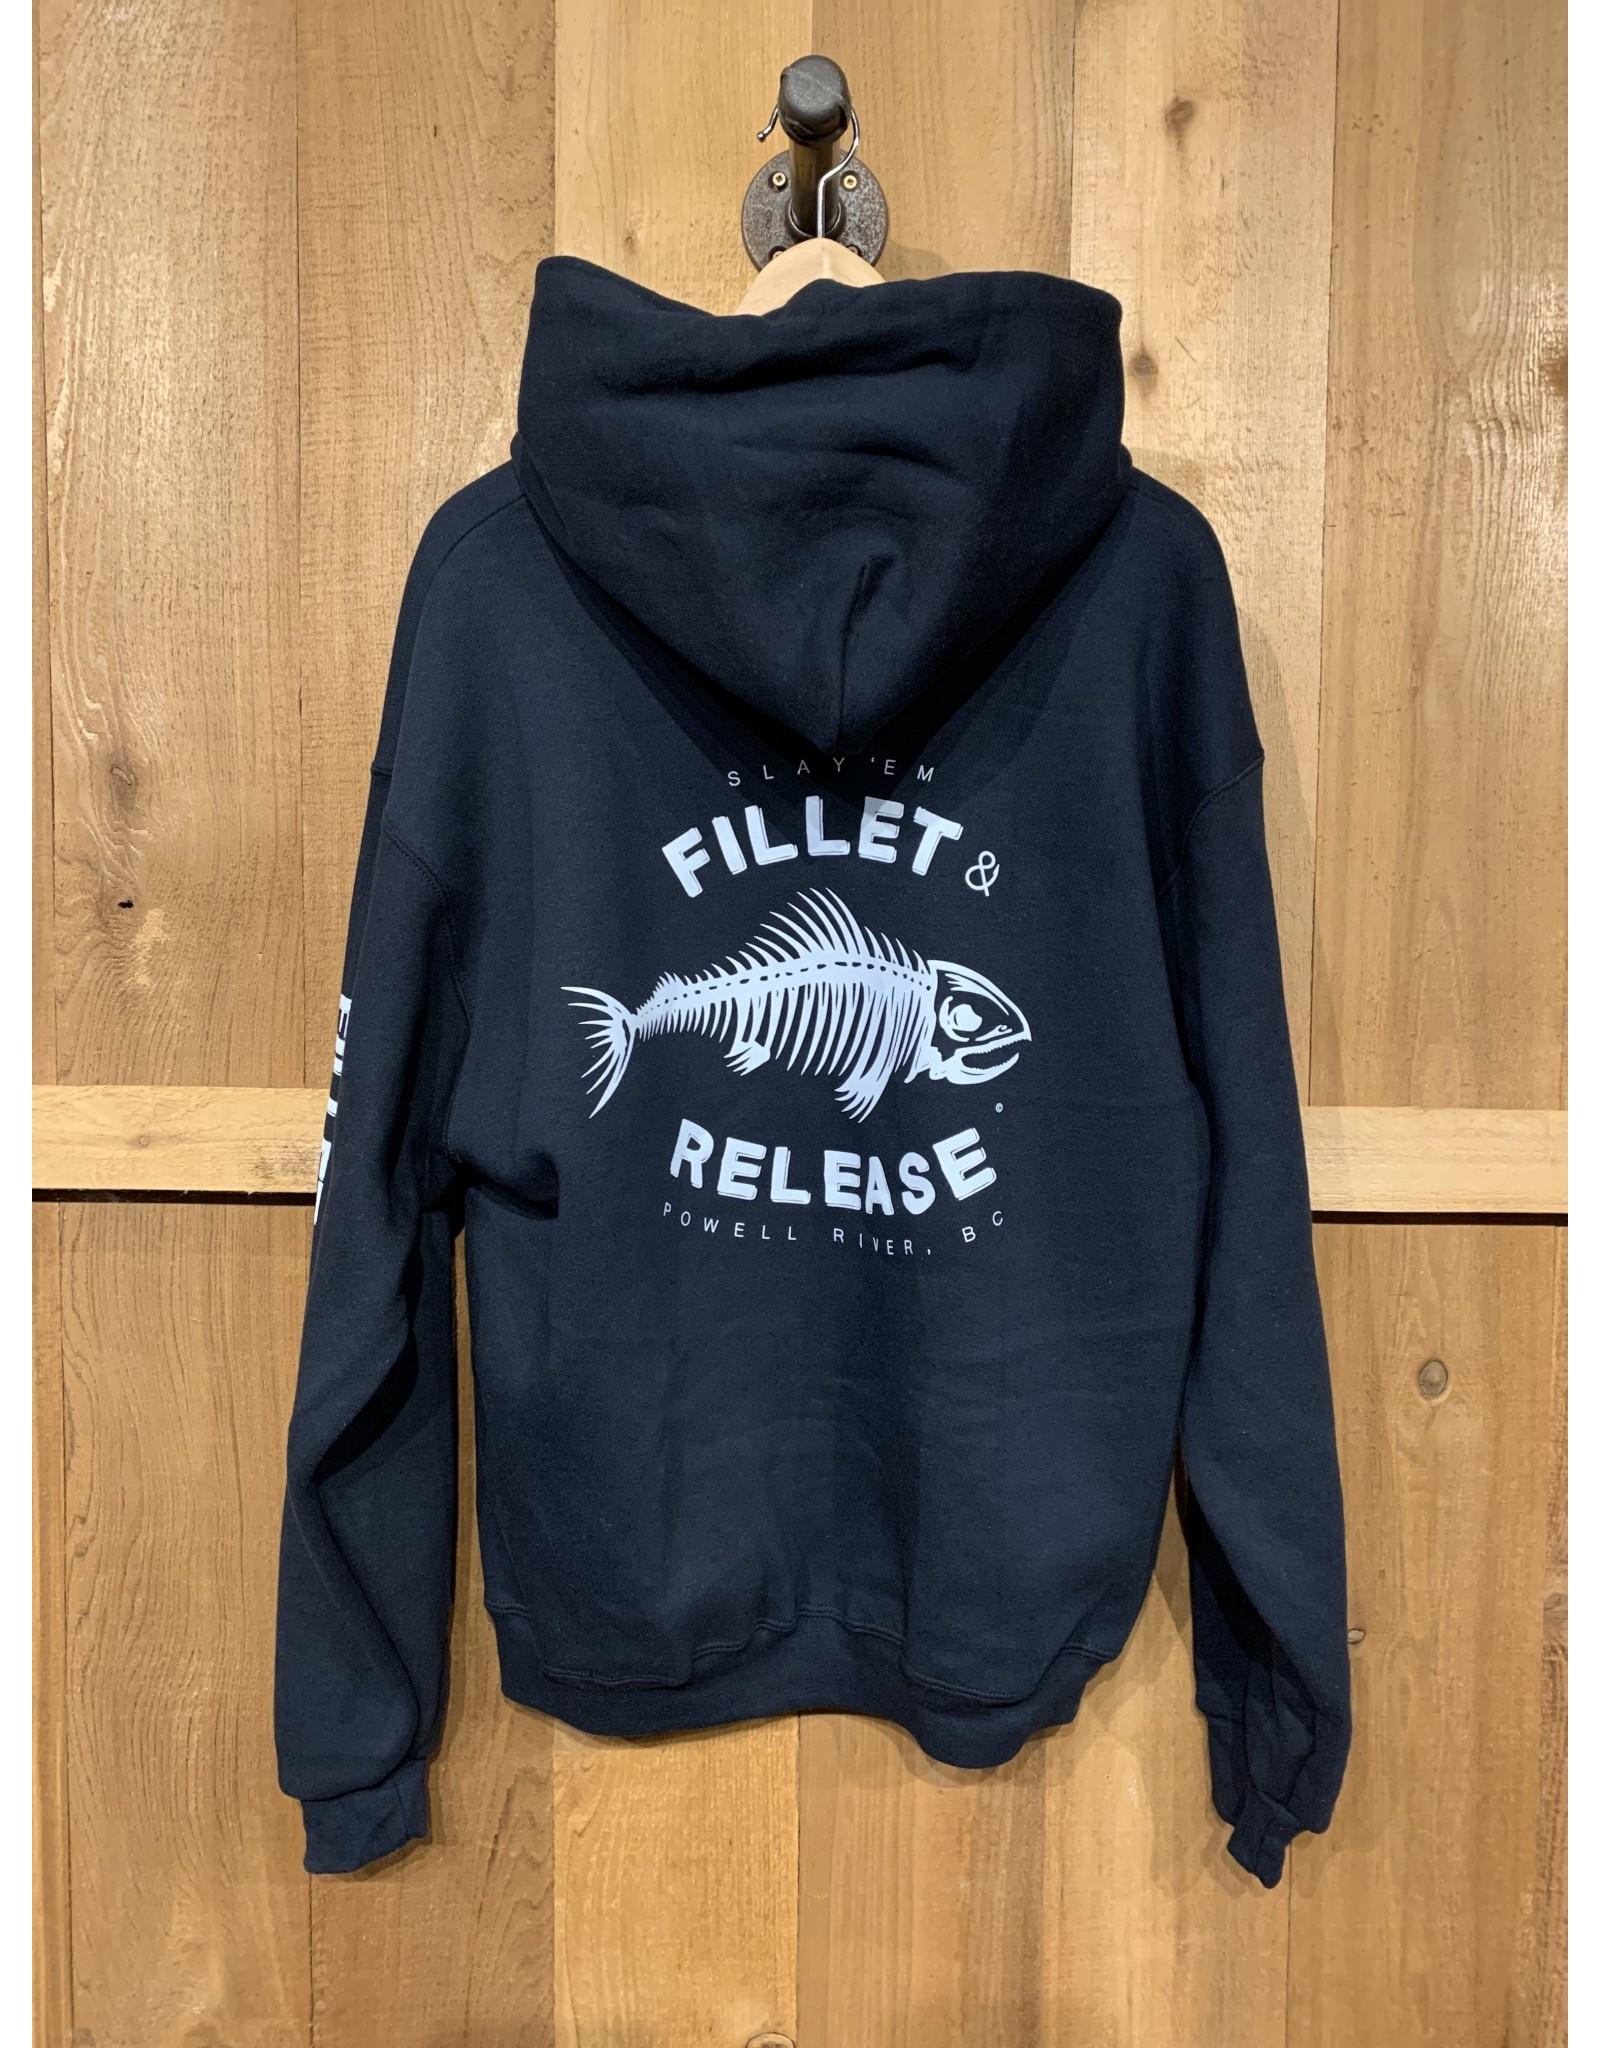 FILLET & RELEASE FILLET & RELEASE BLACK HOODIE